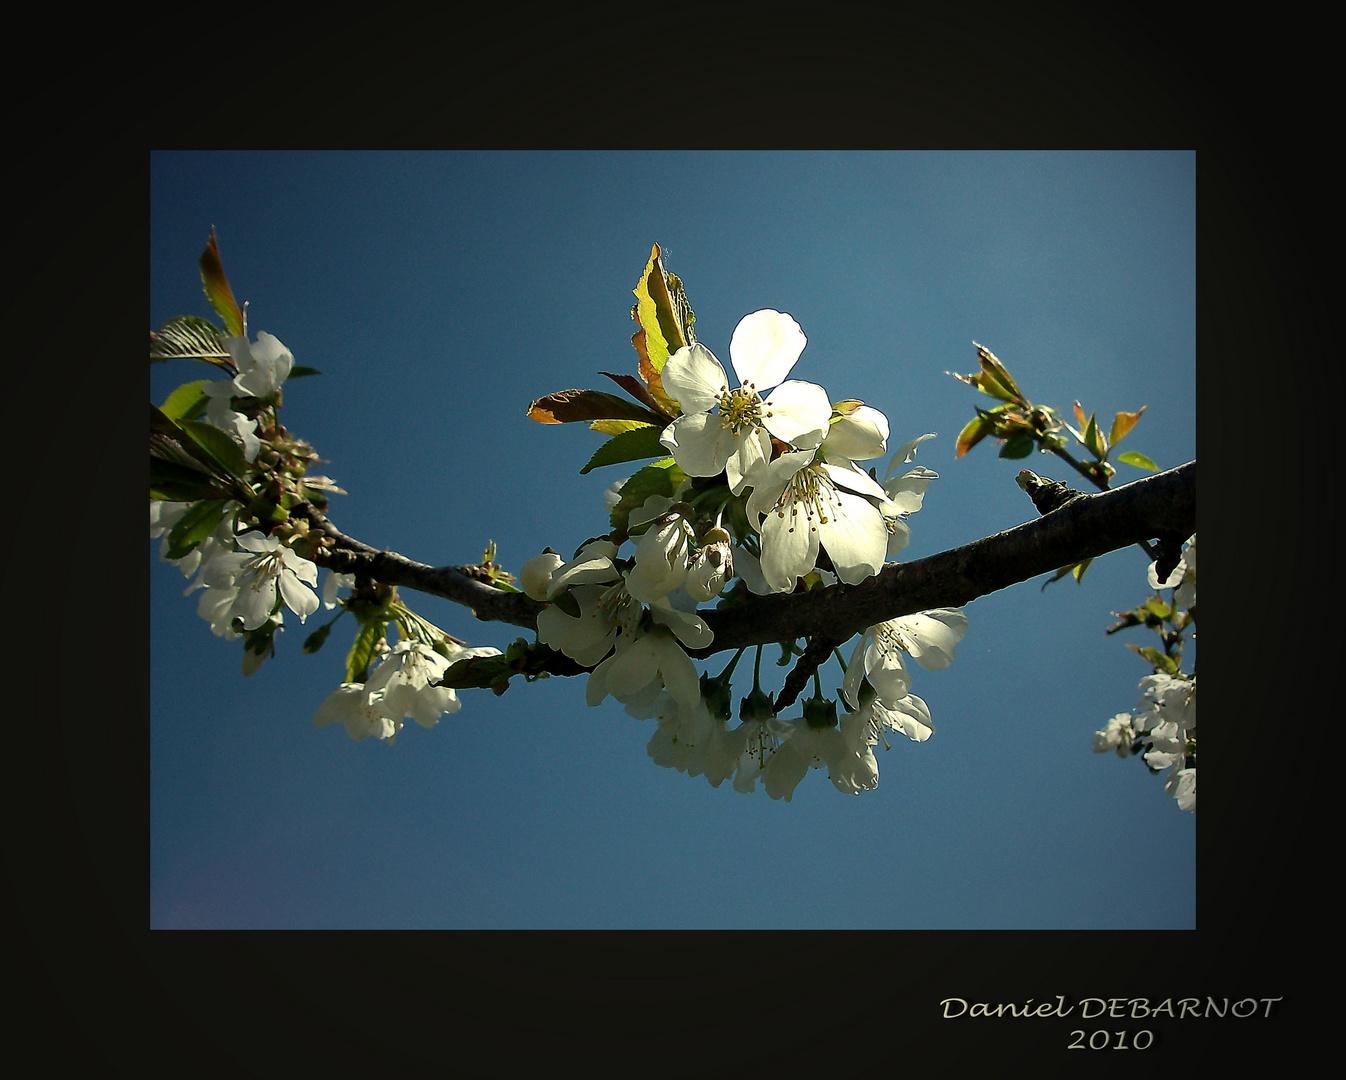 Le printemps enfin